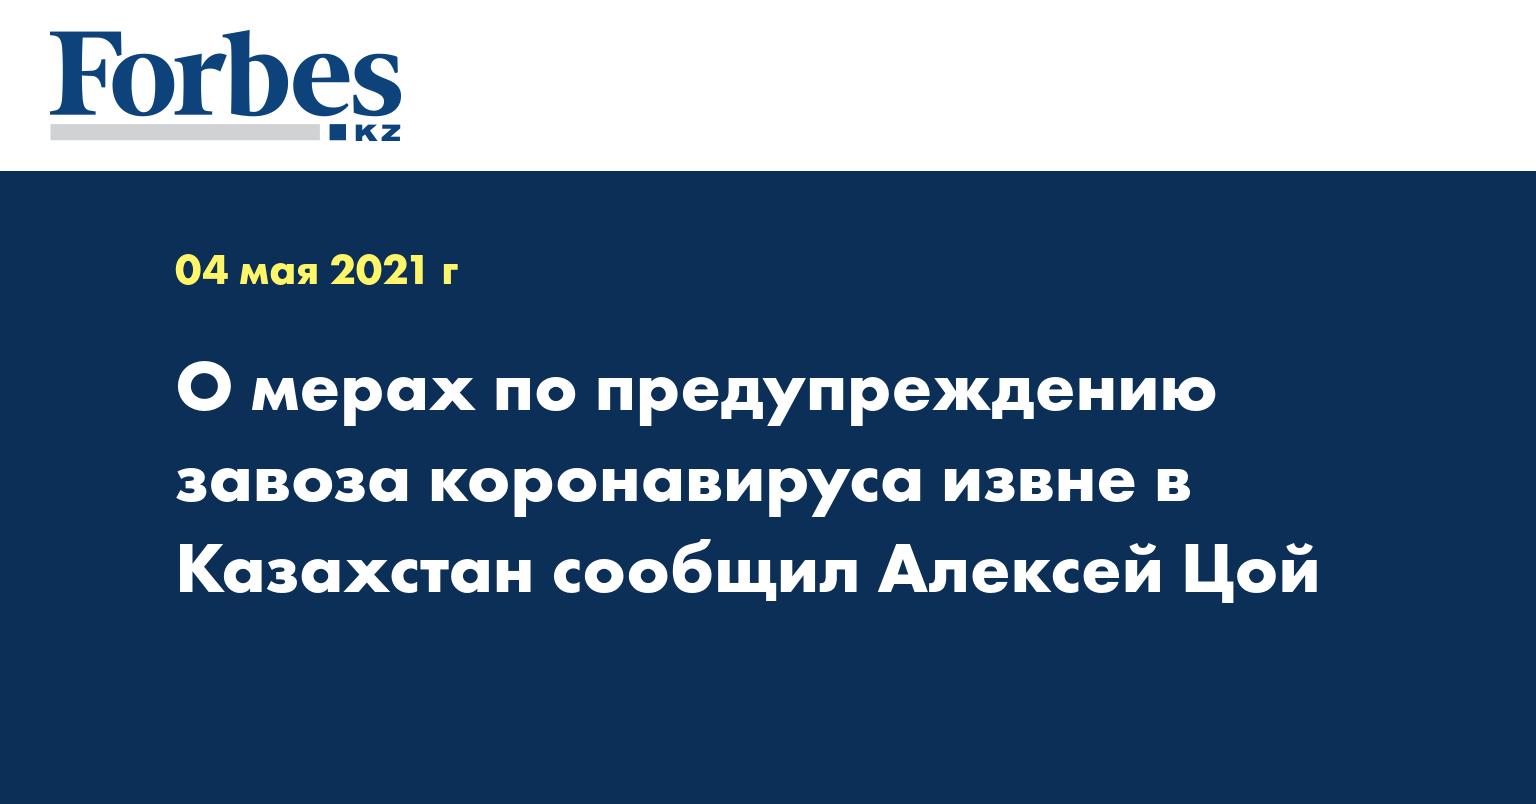 О мерах по предупреждению завоза коронавируса извне в Казахстан сообщил Алексей Цой